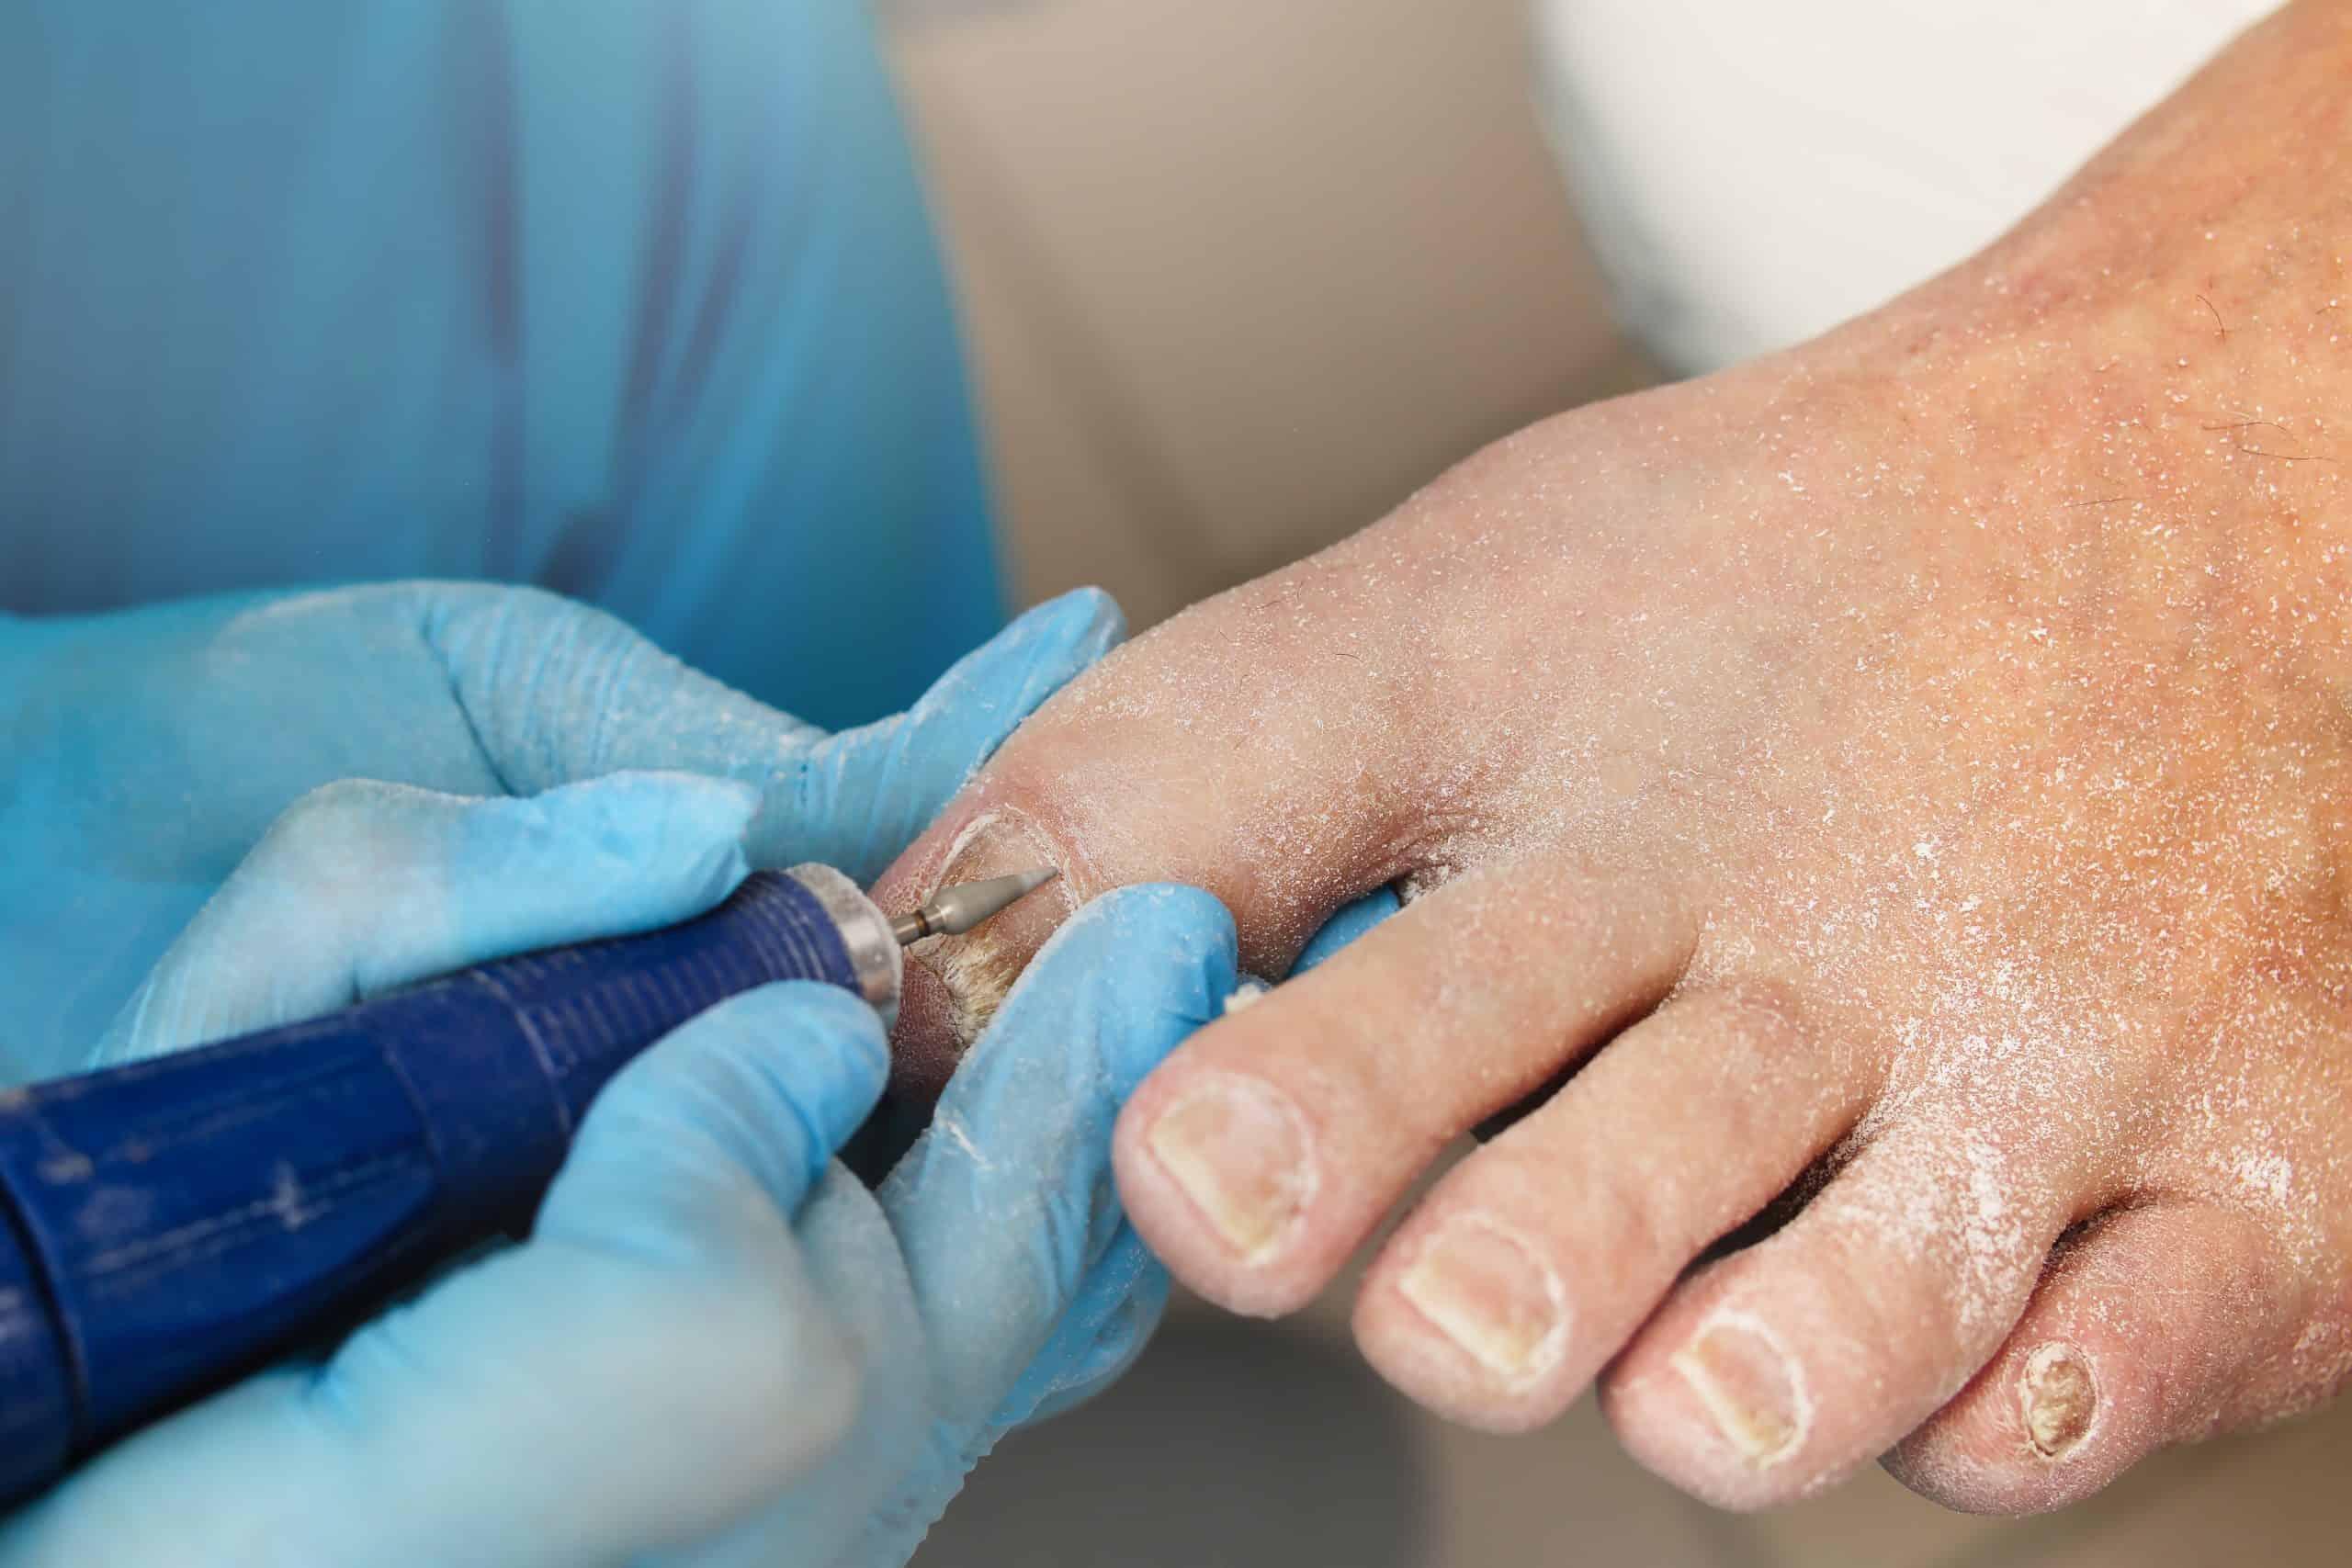 טיפול בכתמים לבנים בציפורניים